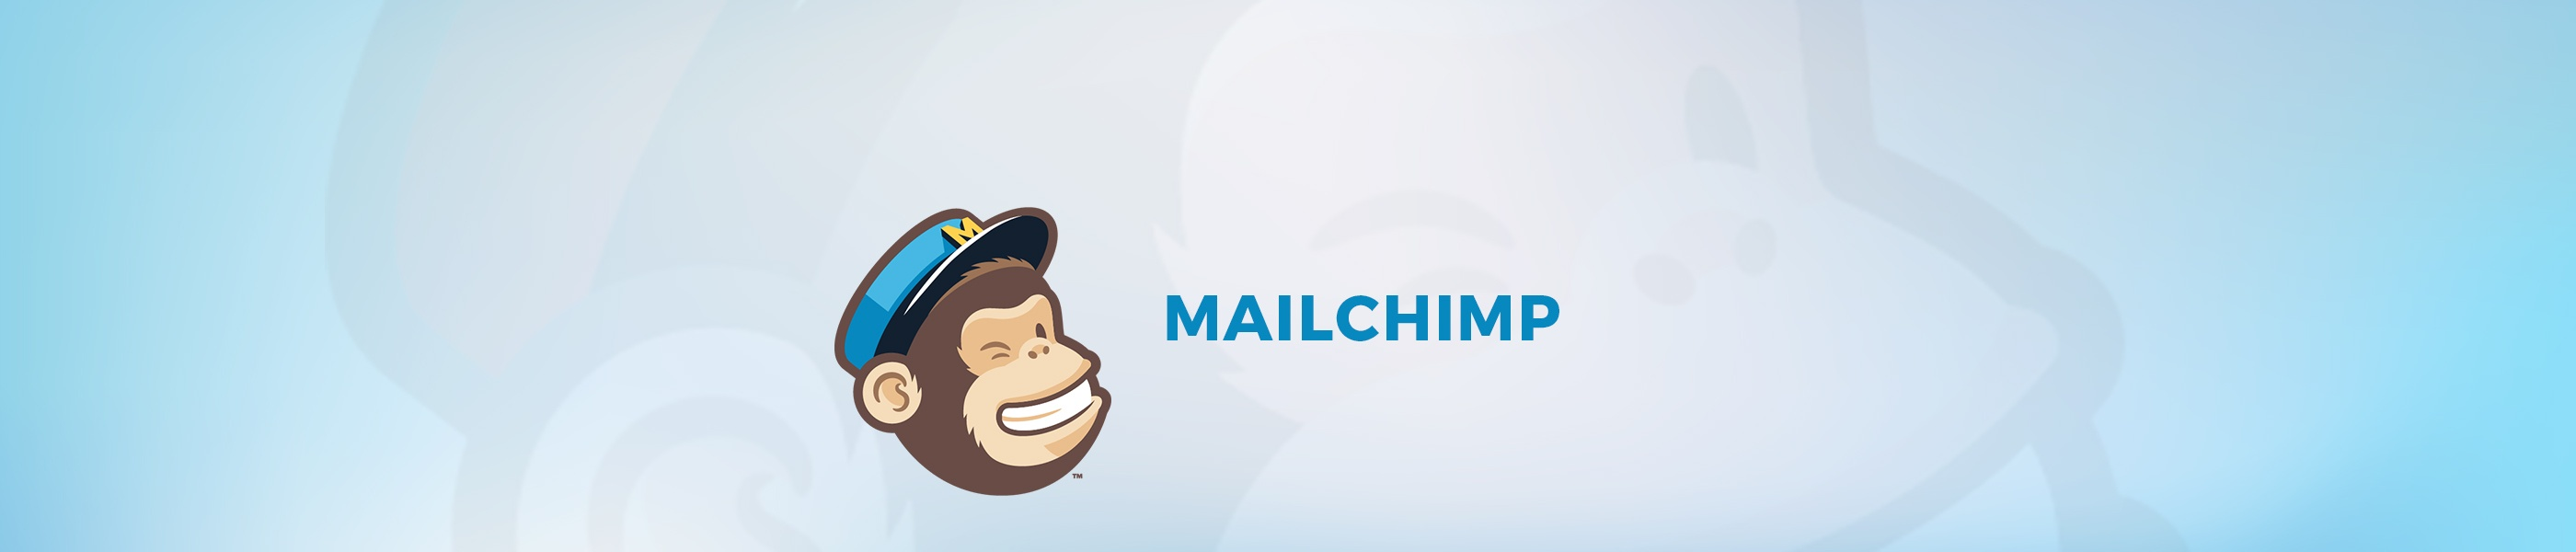 180108_Mailchimp.jpg